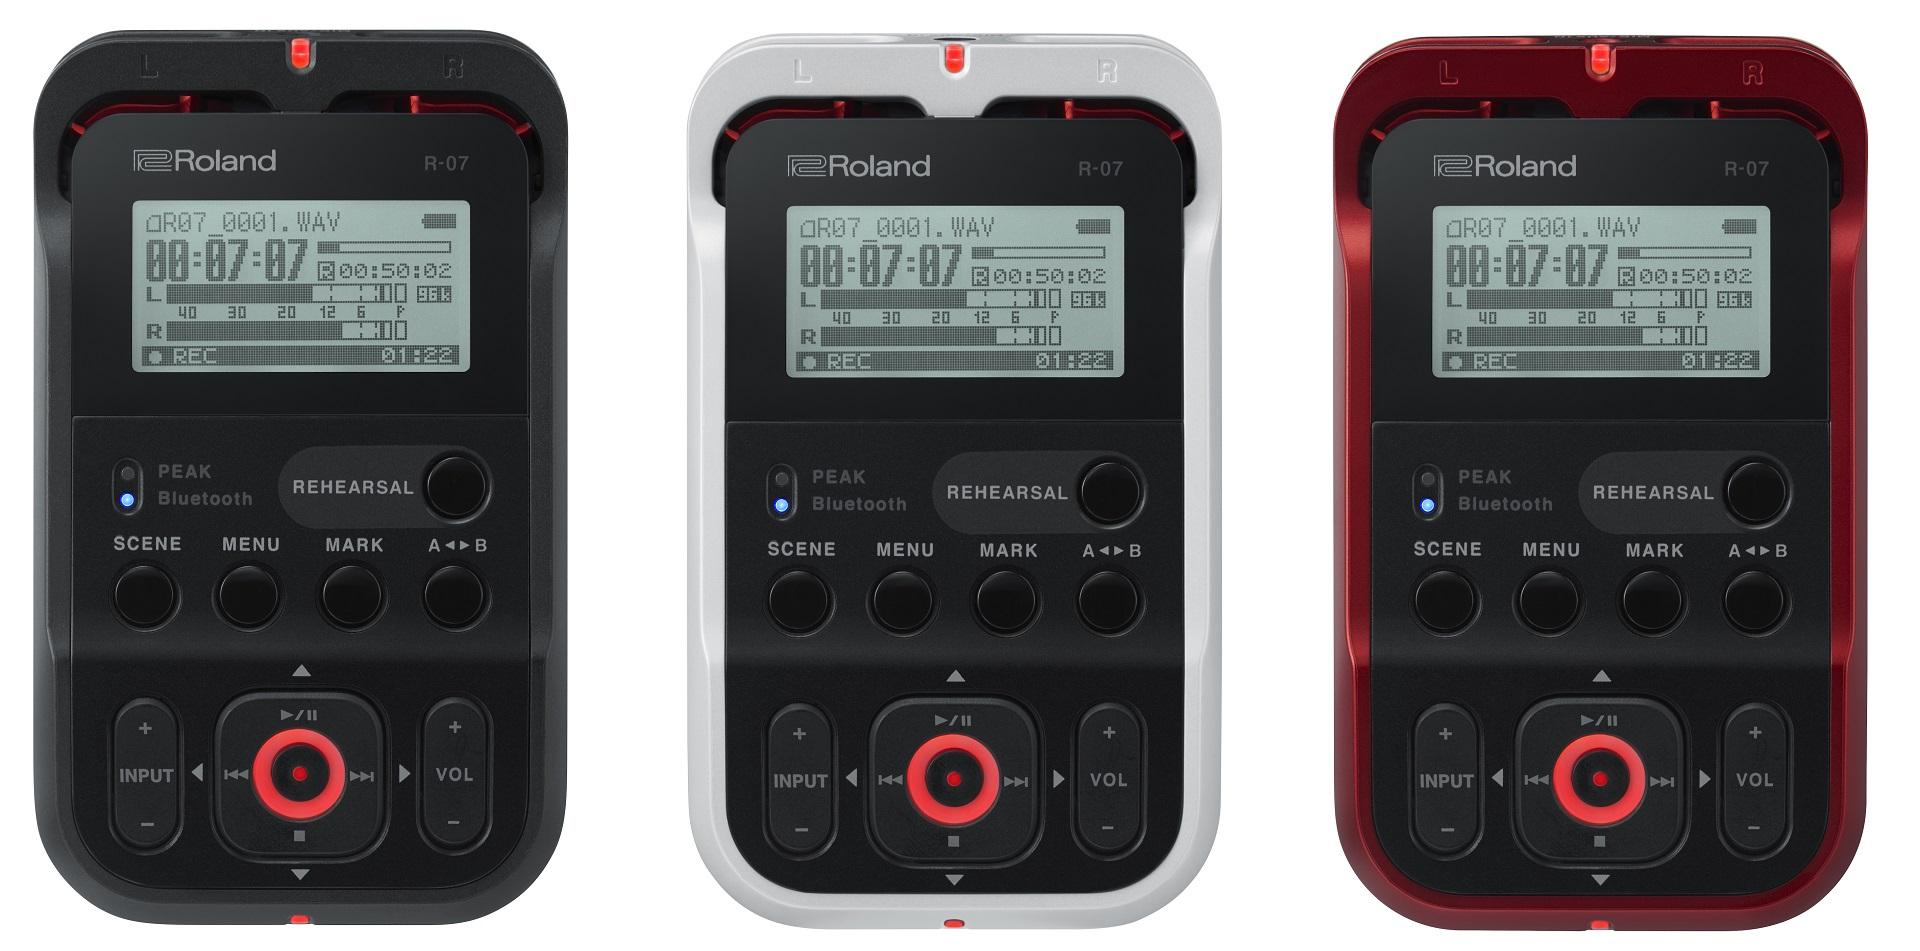 Roland ( ローランド )がBluetooth対応で、スマートフォン/ スマートウォッチからリモコン操作が可能なハイレゾ・オーディオ・レコーダー「R-07」を発売します。カラーはブラック、ホワイト、レッドの3色